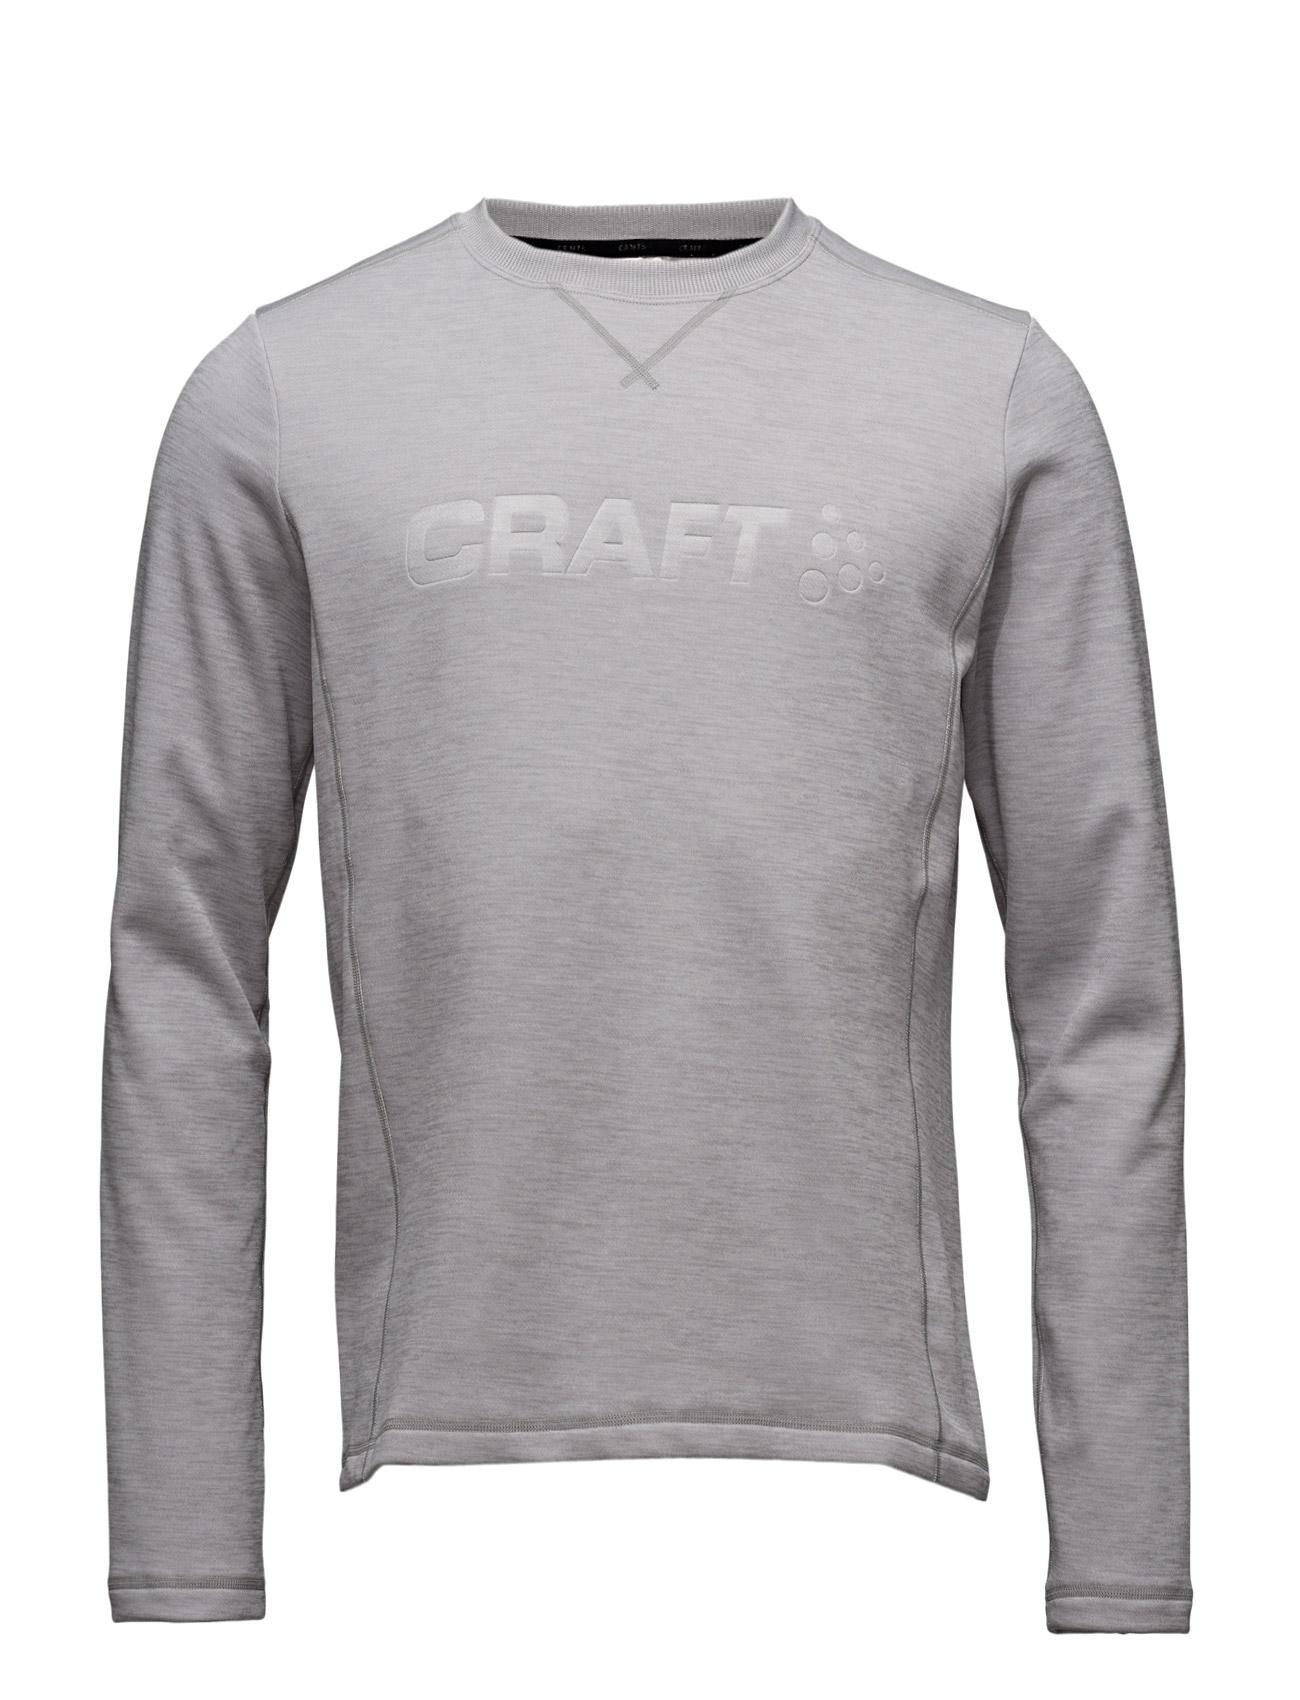 Craft Gain Sweatshirt M Deep Craft Sports toppe til Mænd i Grey Melange